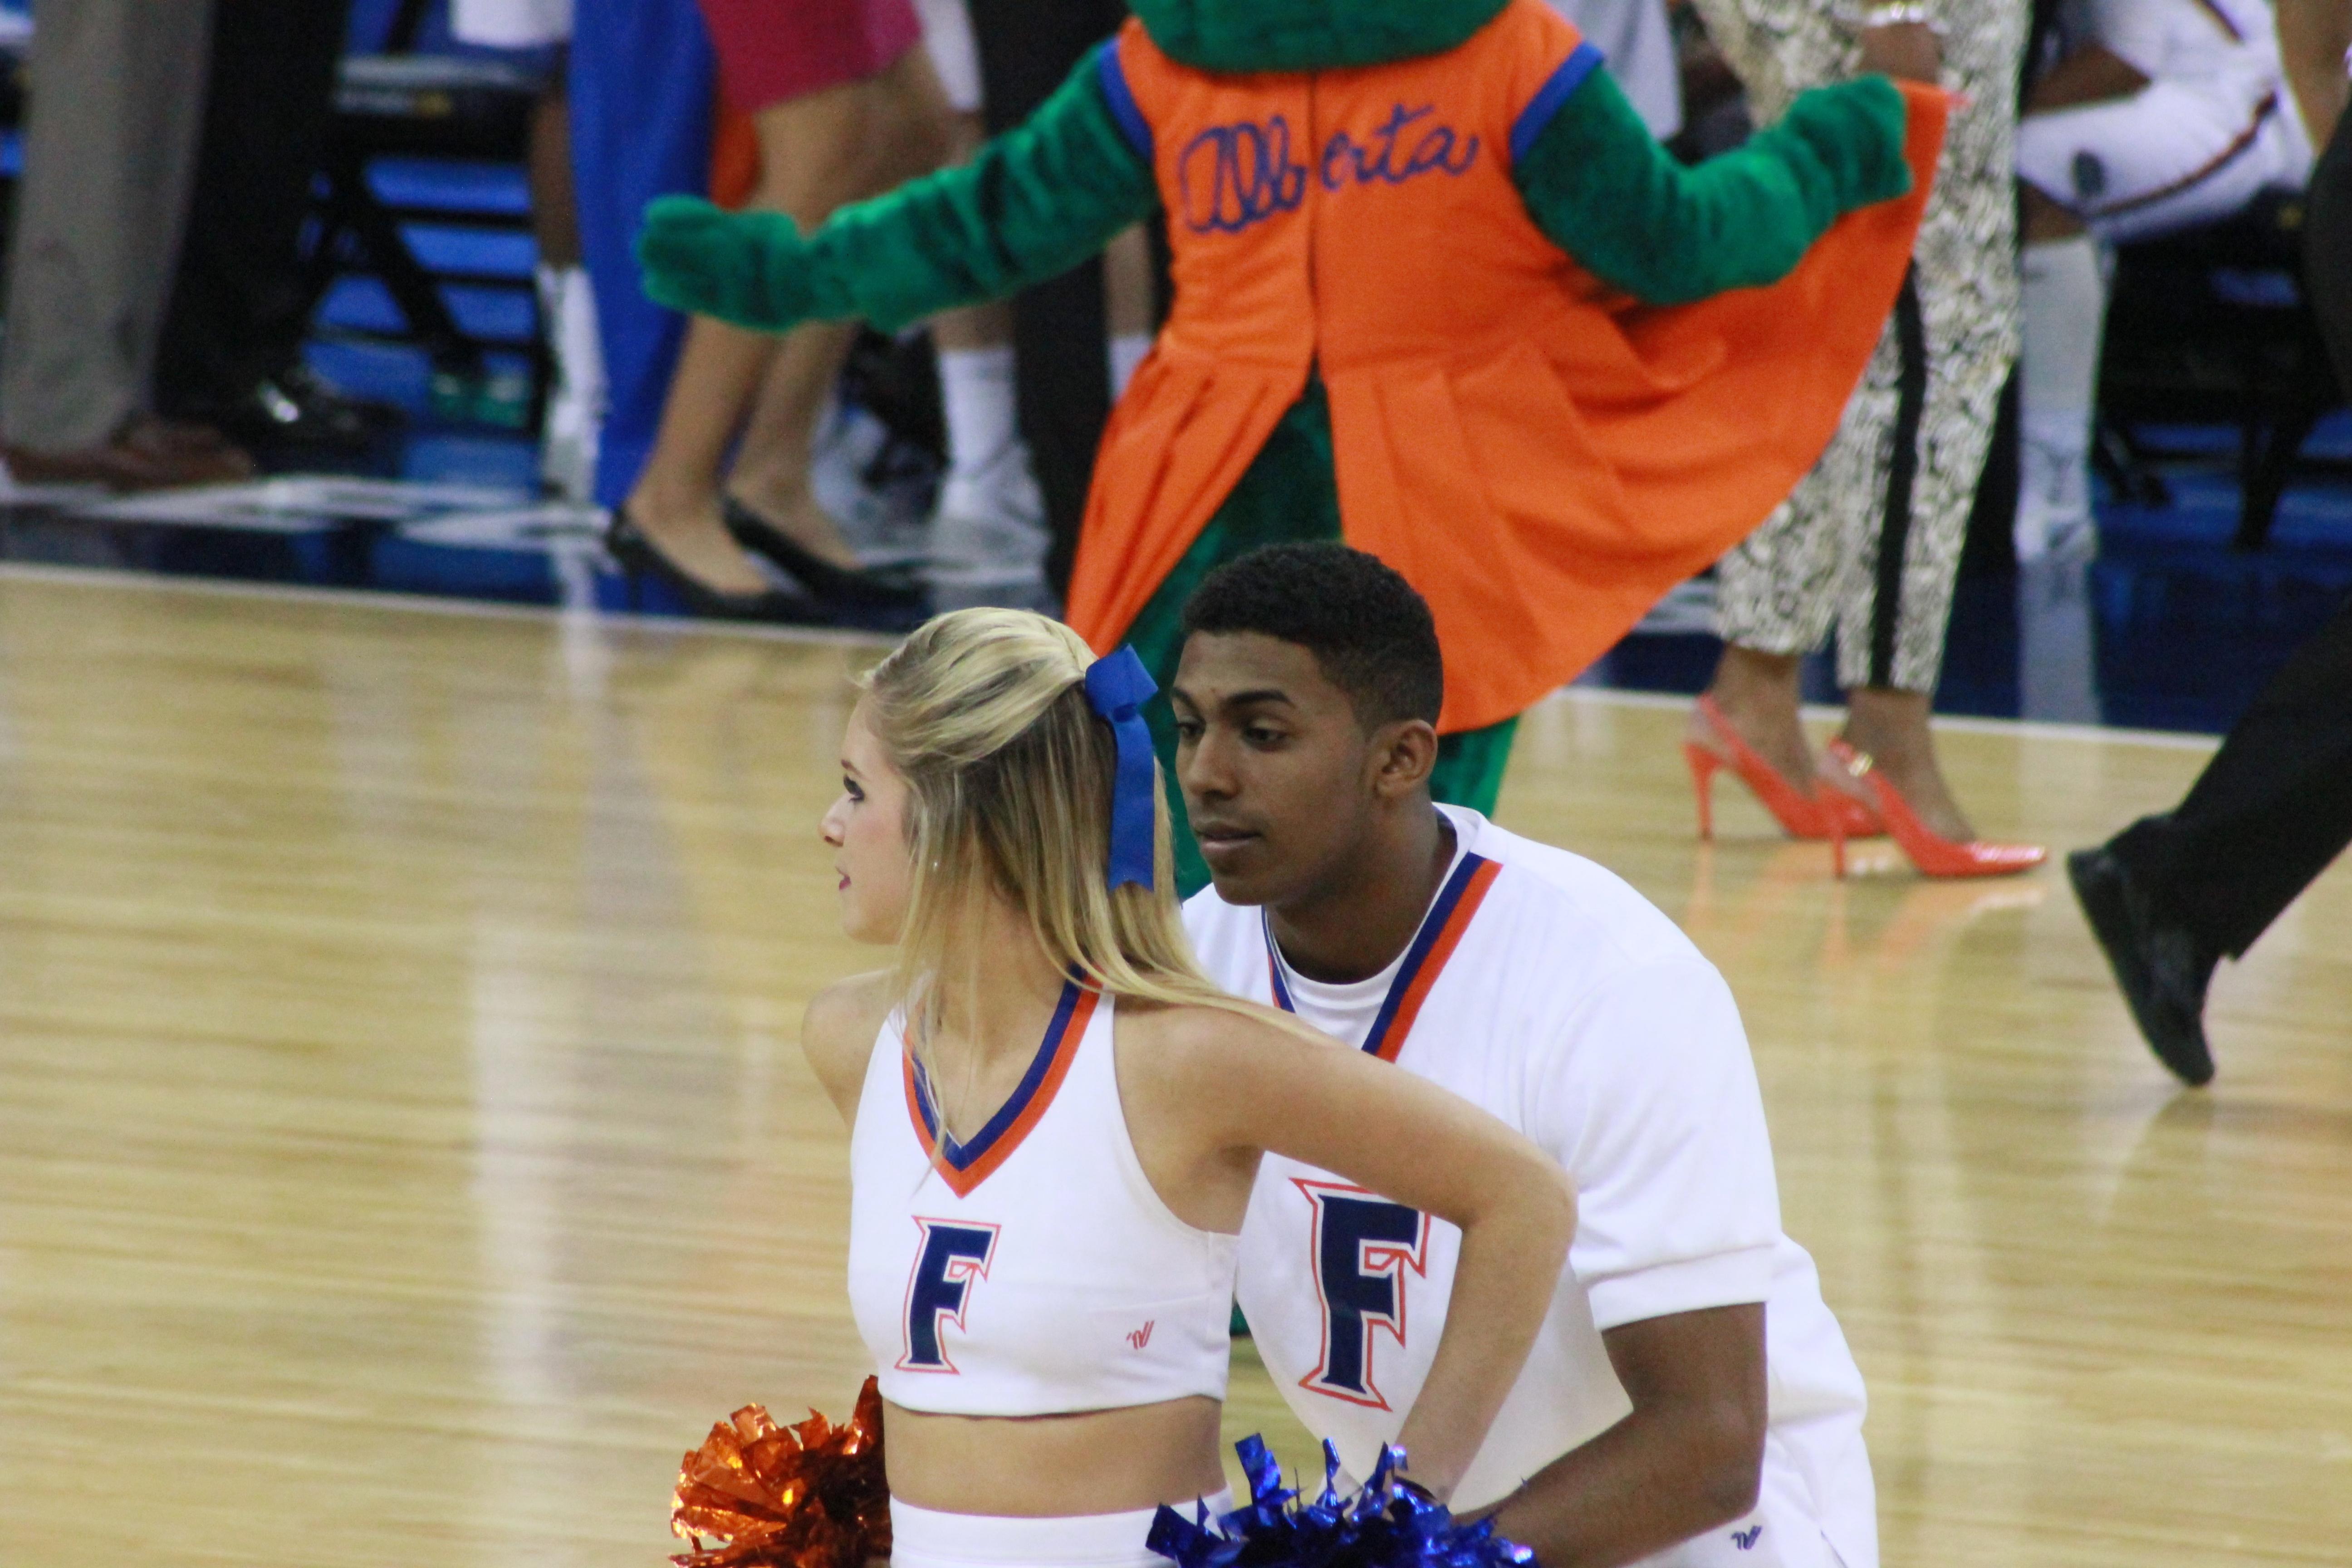 Florida Gators – UF Cheerleaders – Woody Bass III